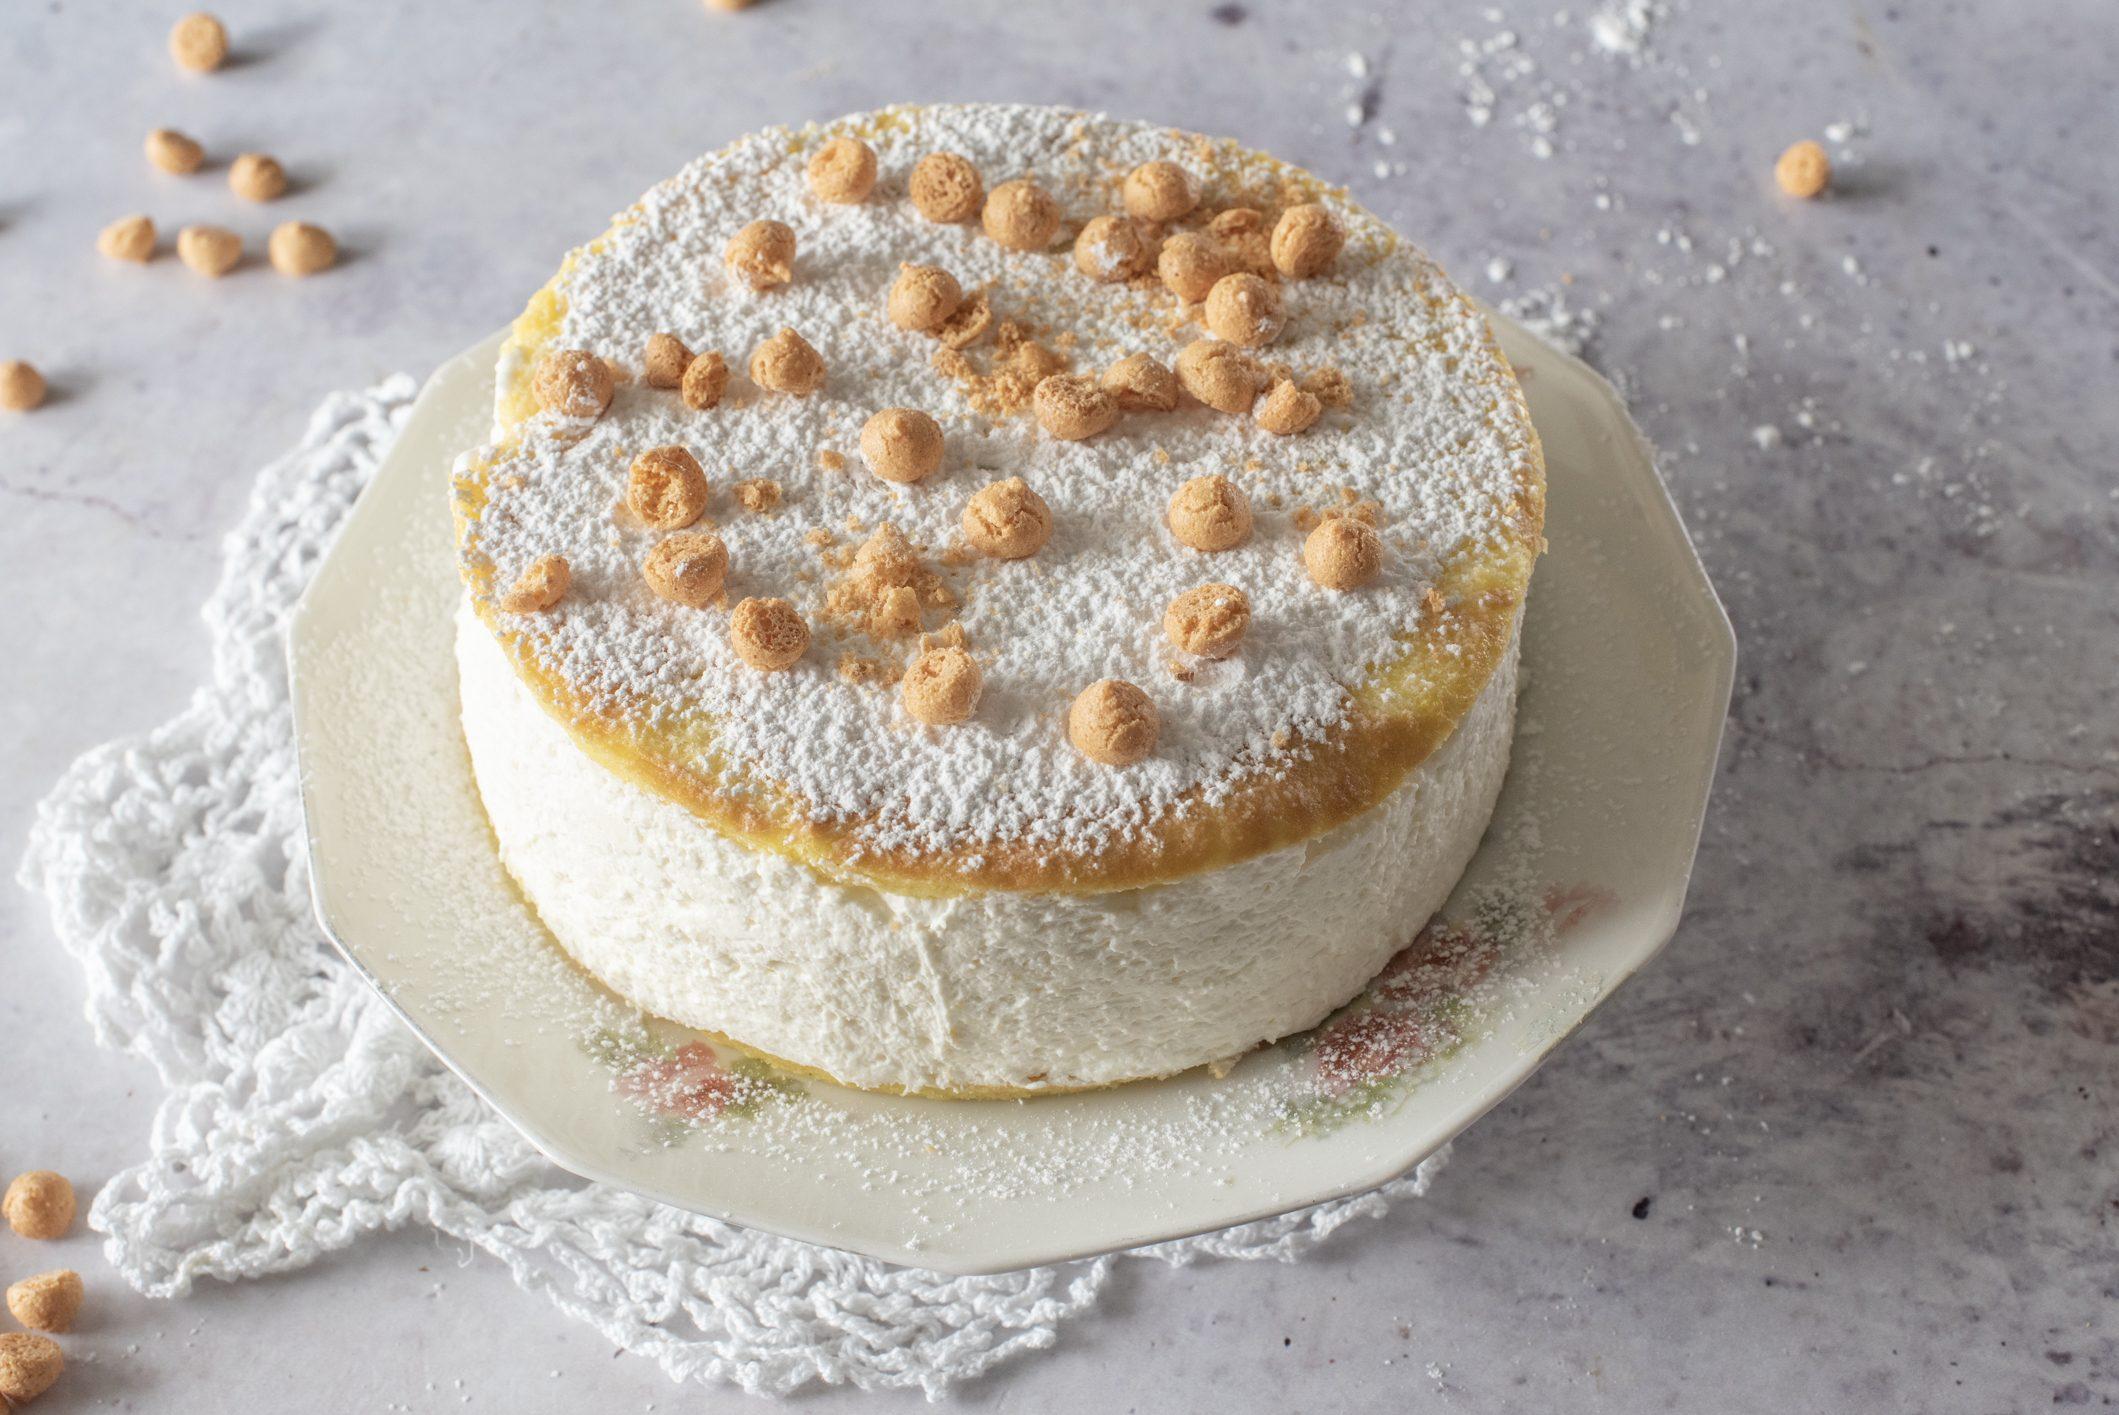 Torta biscotto al mascarpone: la ricetta del dolce soffice e super goloso